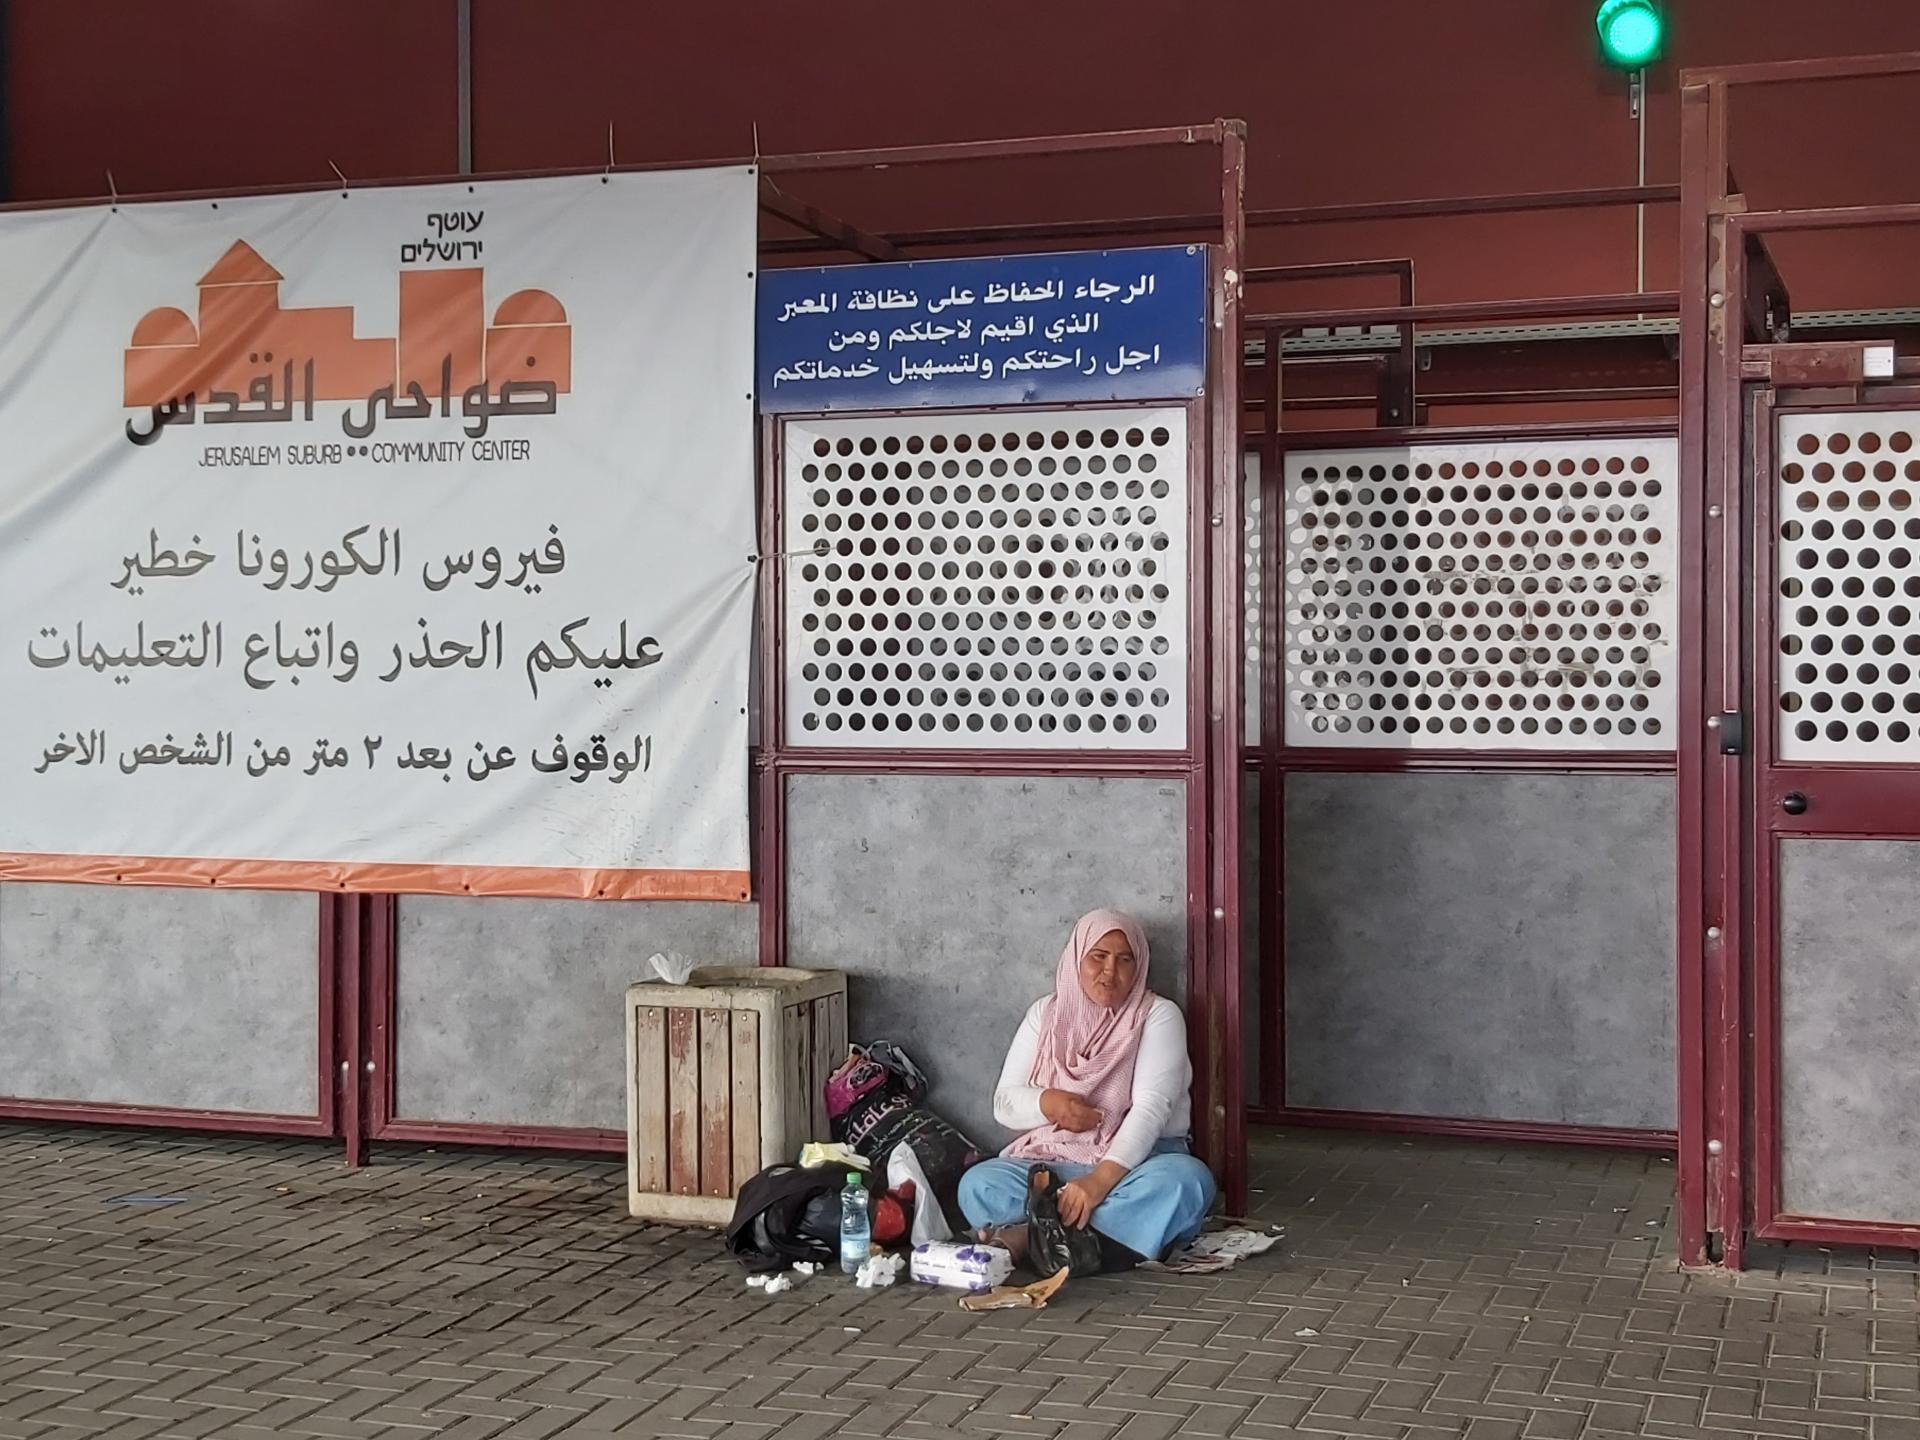 קבצנית בכניסה למחסום